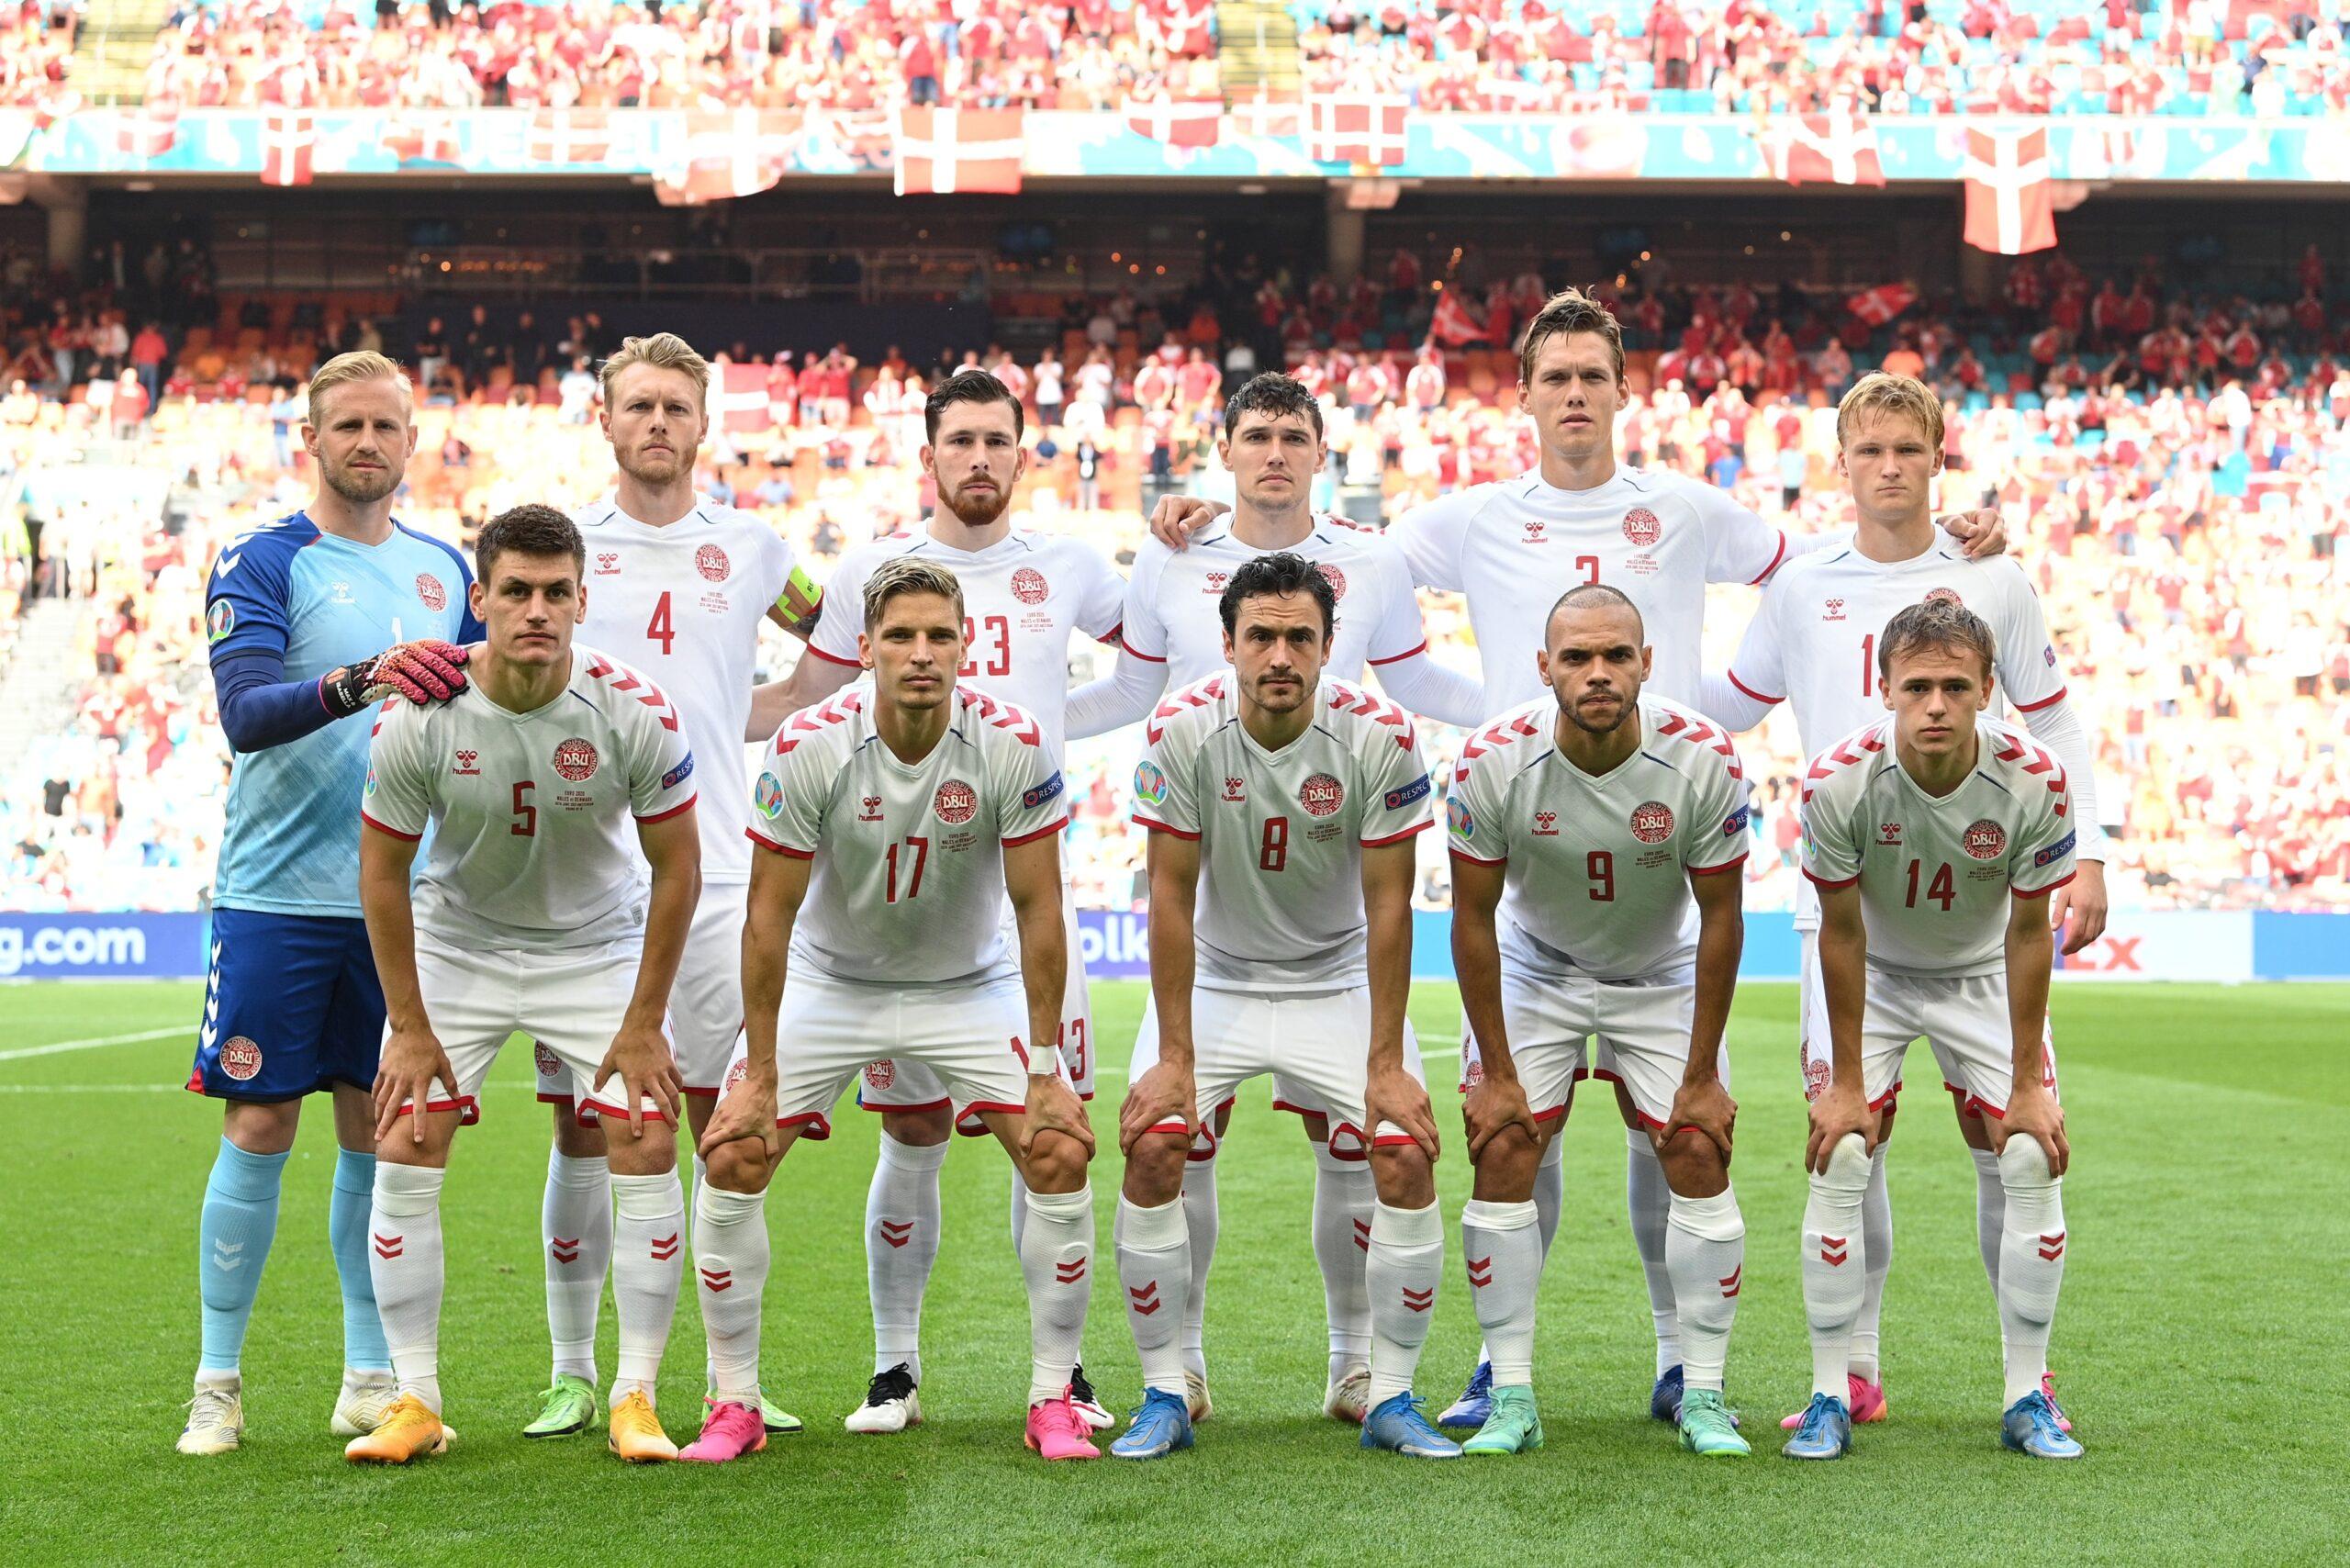 Dinamarca goleia o País de Gales e chega às quartas de final da Eurocopa